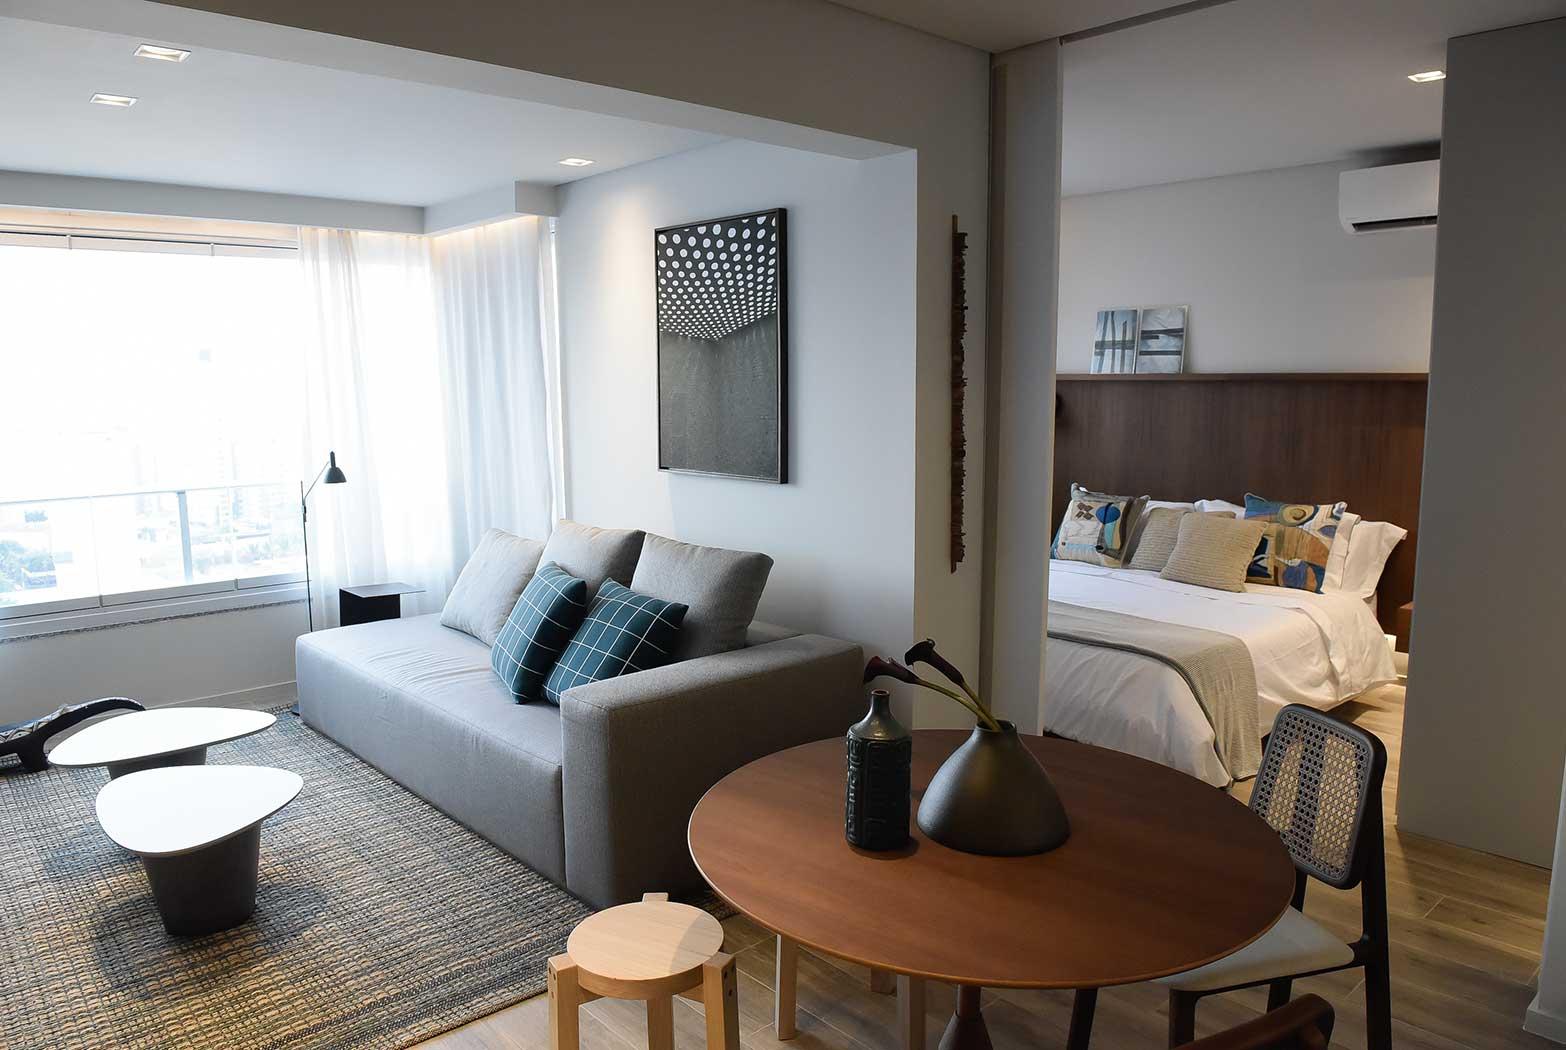 VO699 Apartamentos5 - VO699 | Landing Page